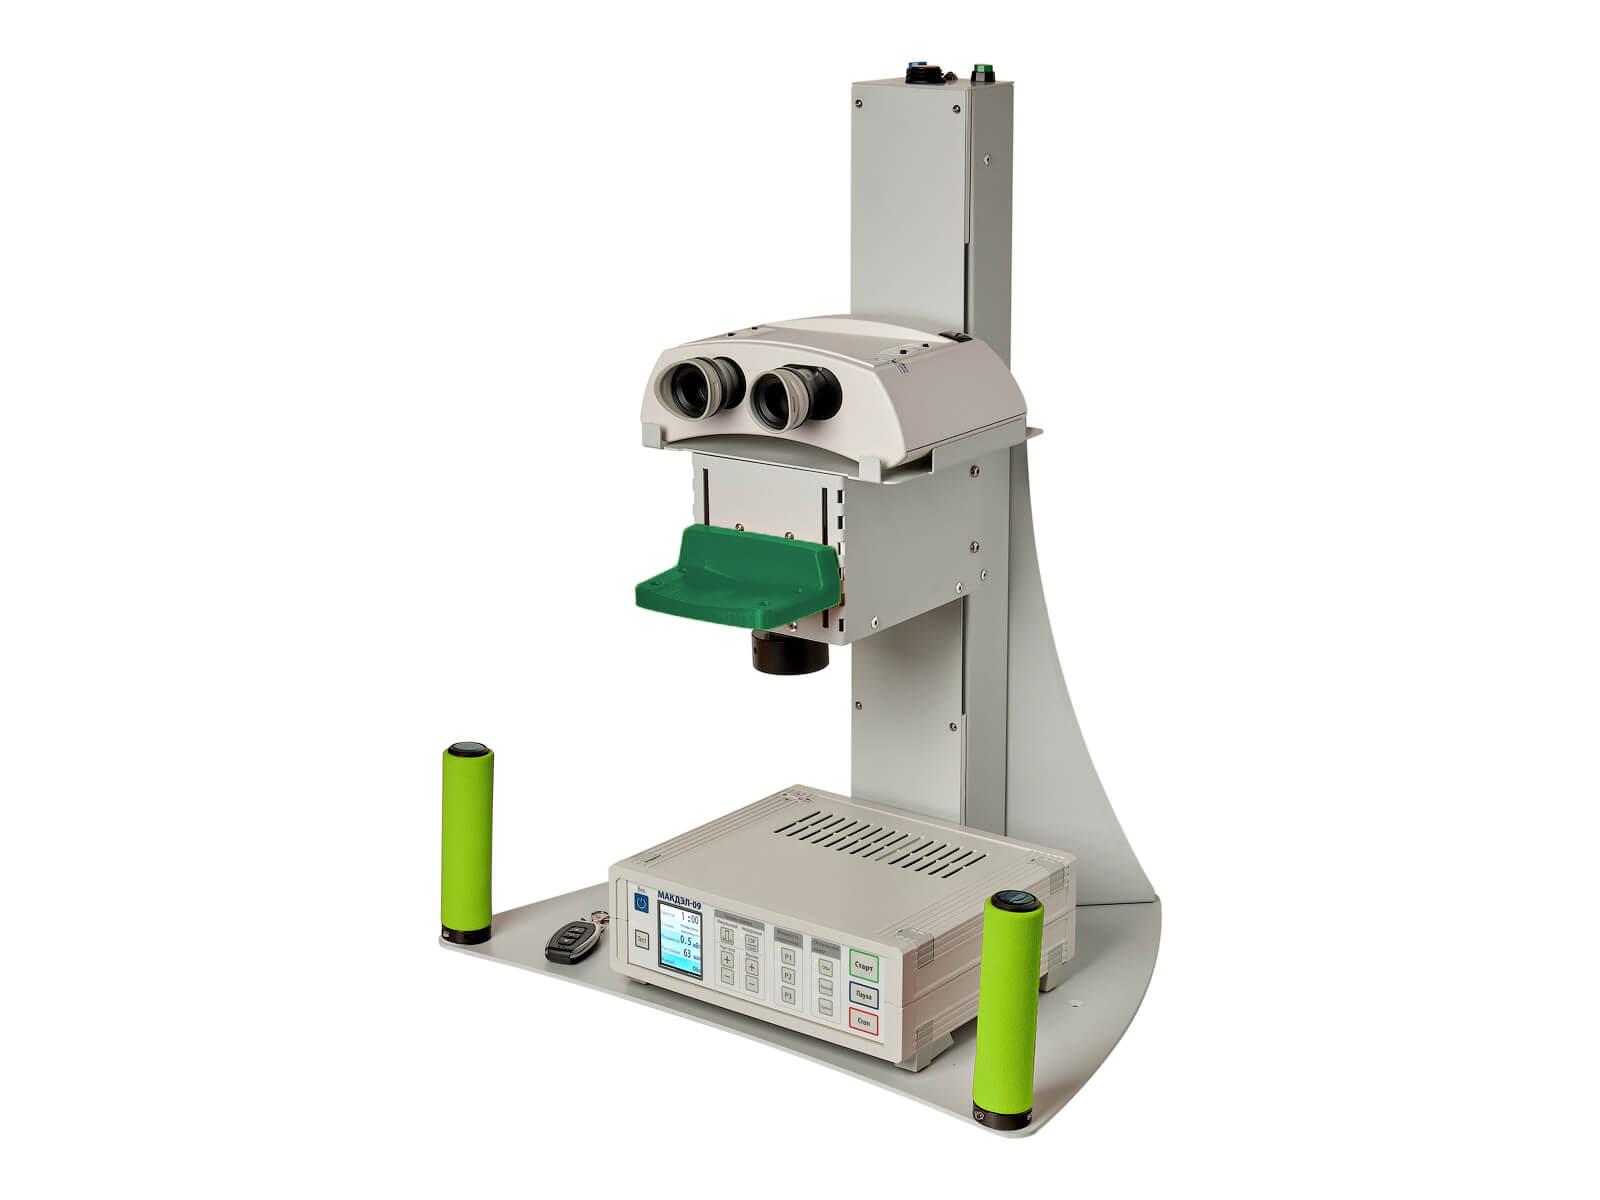 Штатив к аппарату МАКДЭЛ-09 зелёный